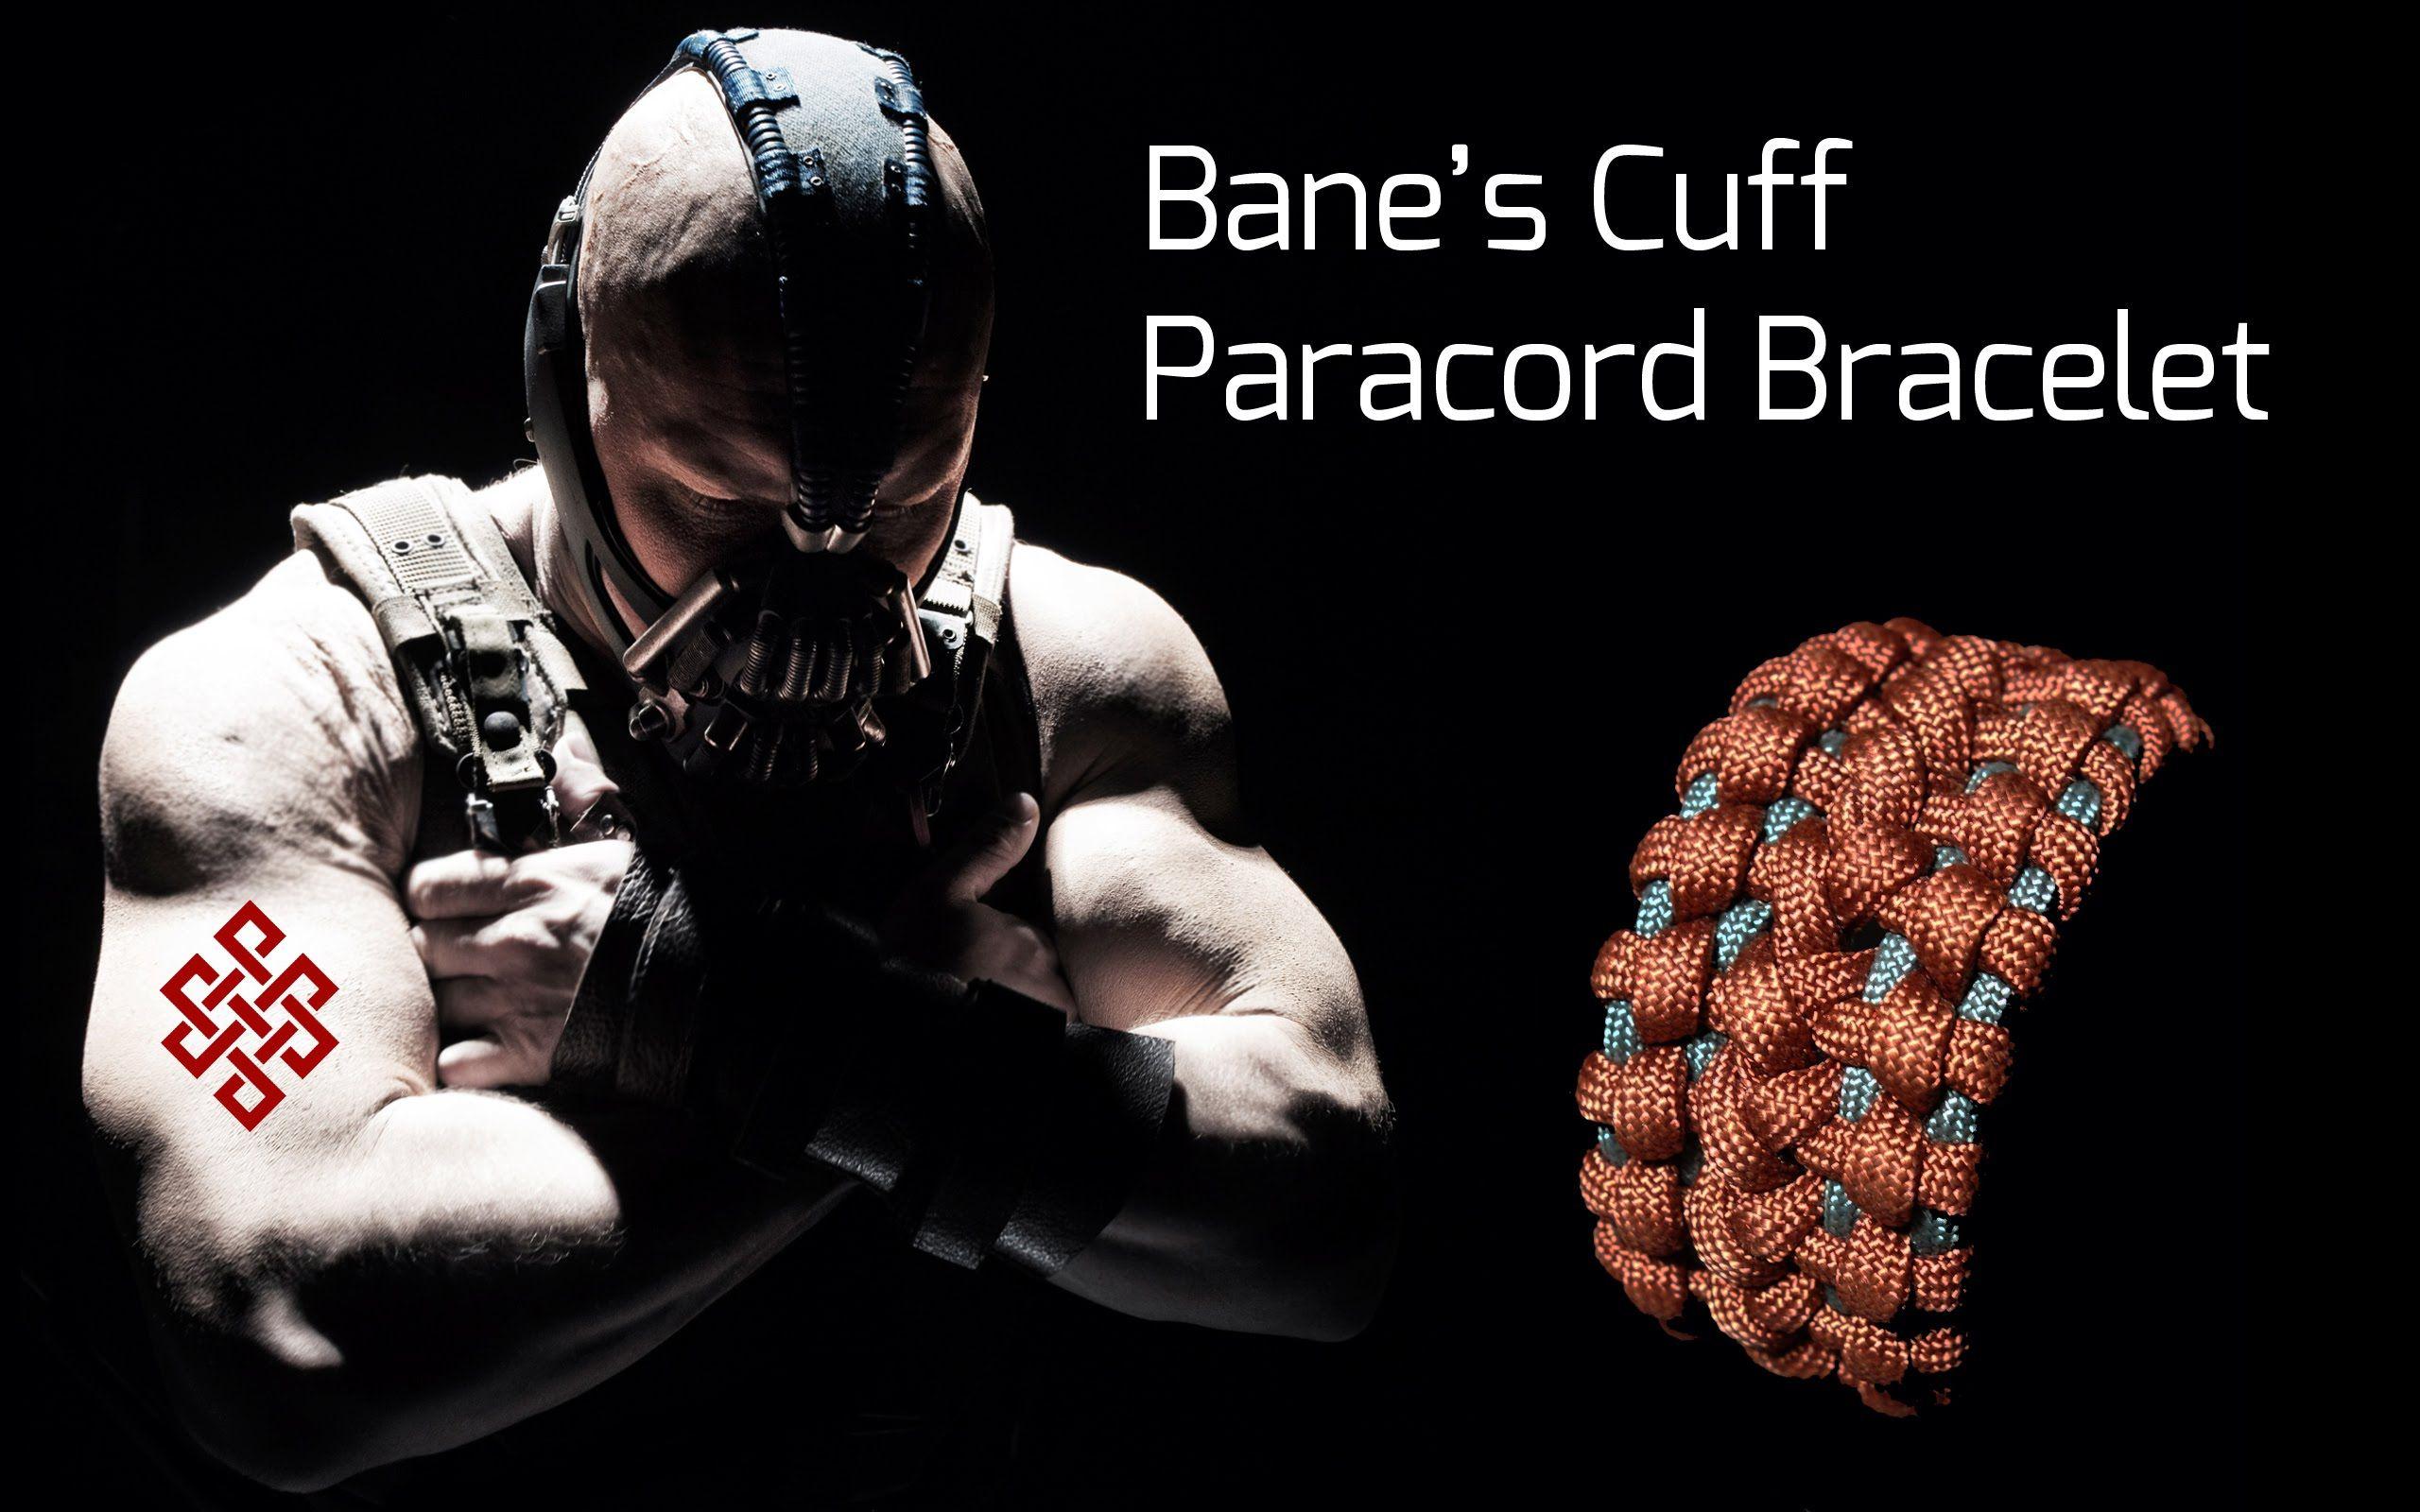 Bane S Cuff Paracord Bracelet Tutorial Paracord Bracelet